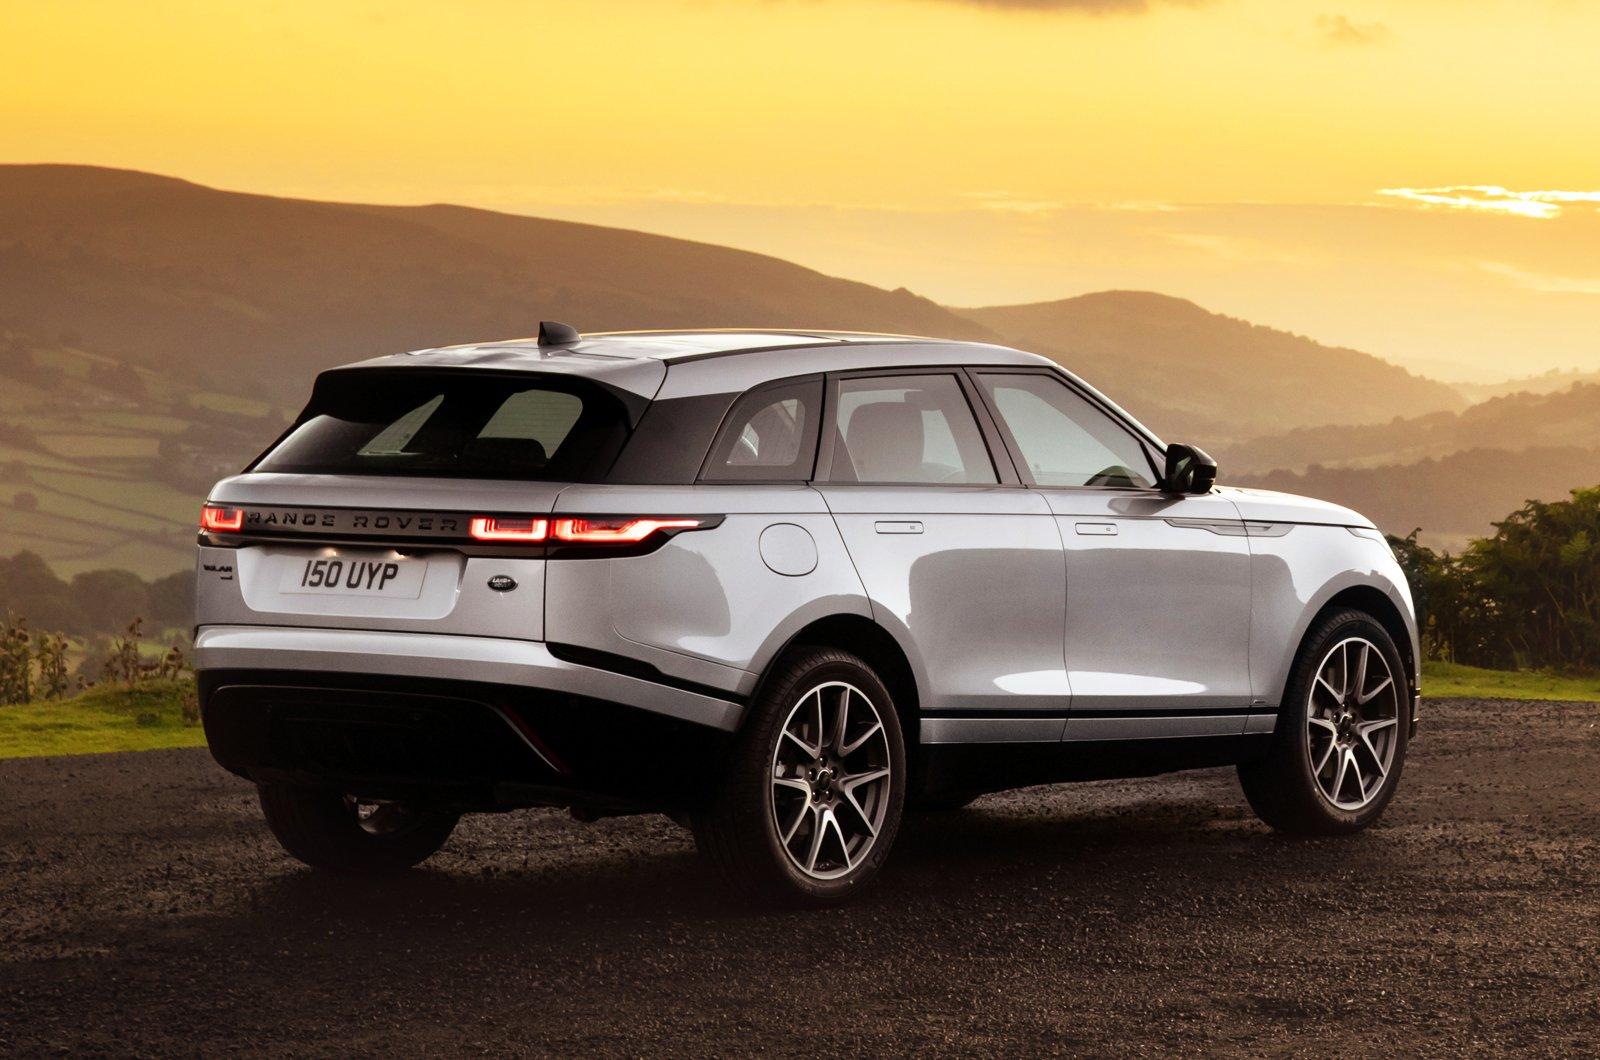 2021 Range Rover Velar rear static